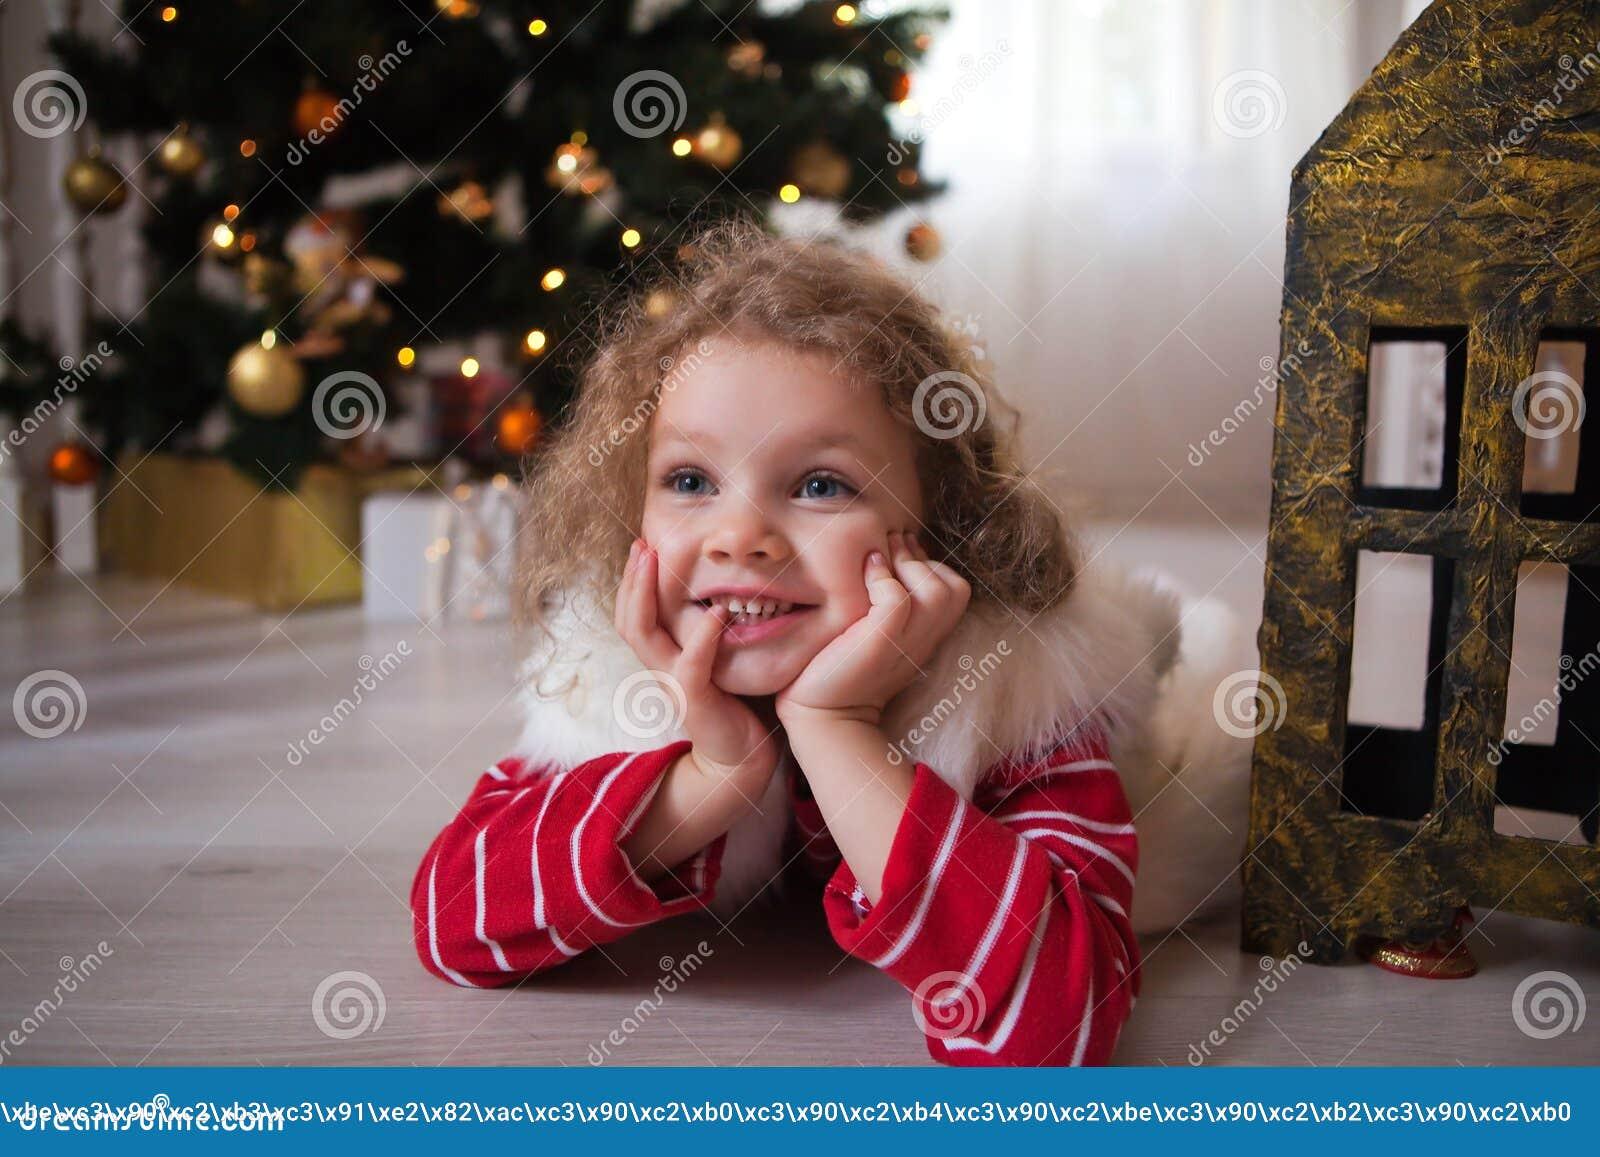 Το μικρό κορίτσι στο κόκκινο πουλόβερ βρίσκεται κάτω από το χριστουγεννιάτικο δέντρο και περιμένει ένα θαύμα